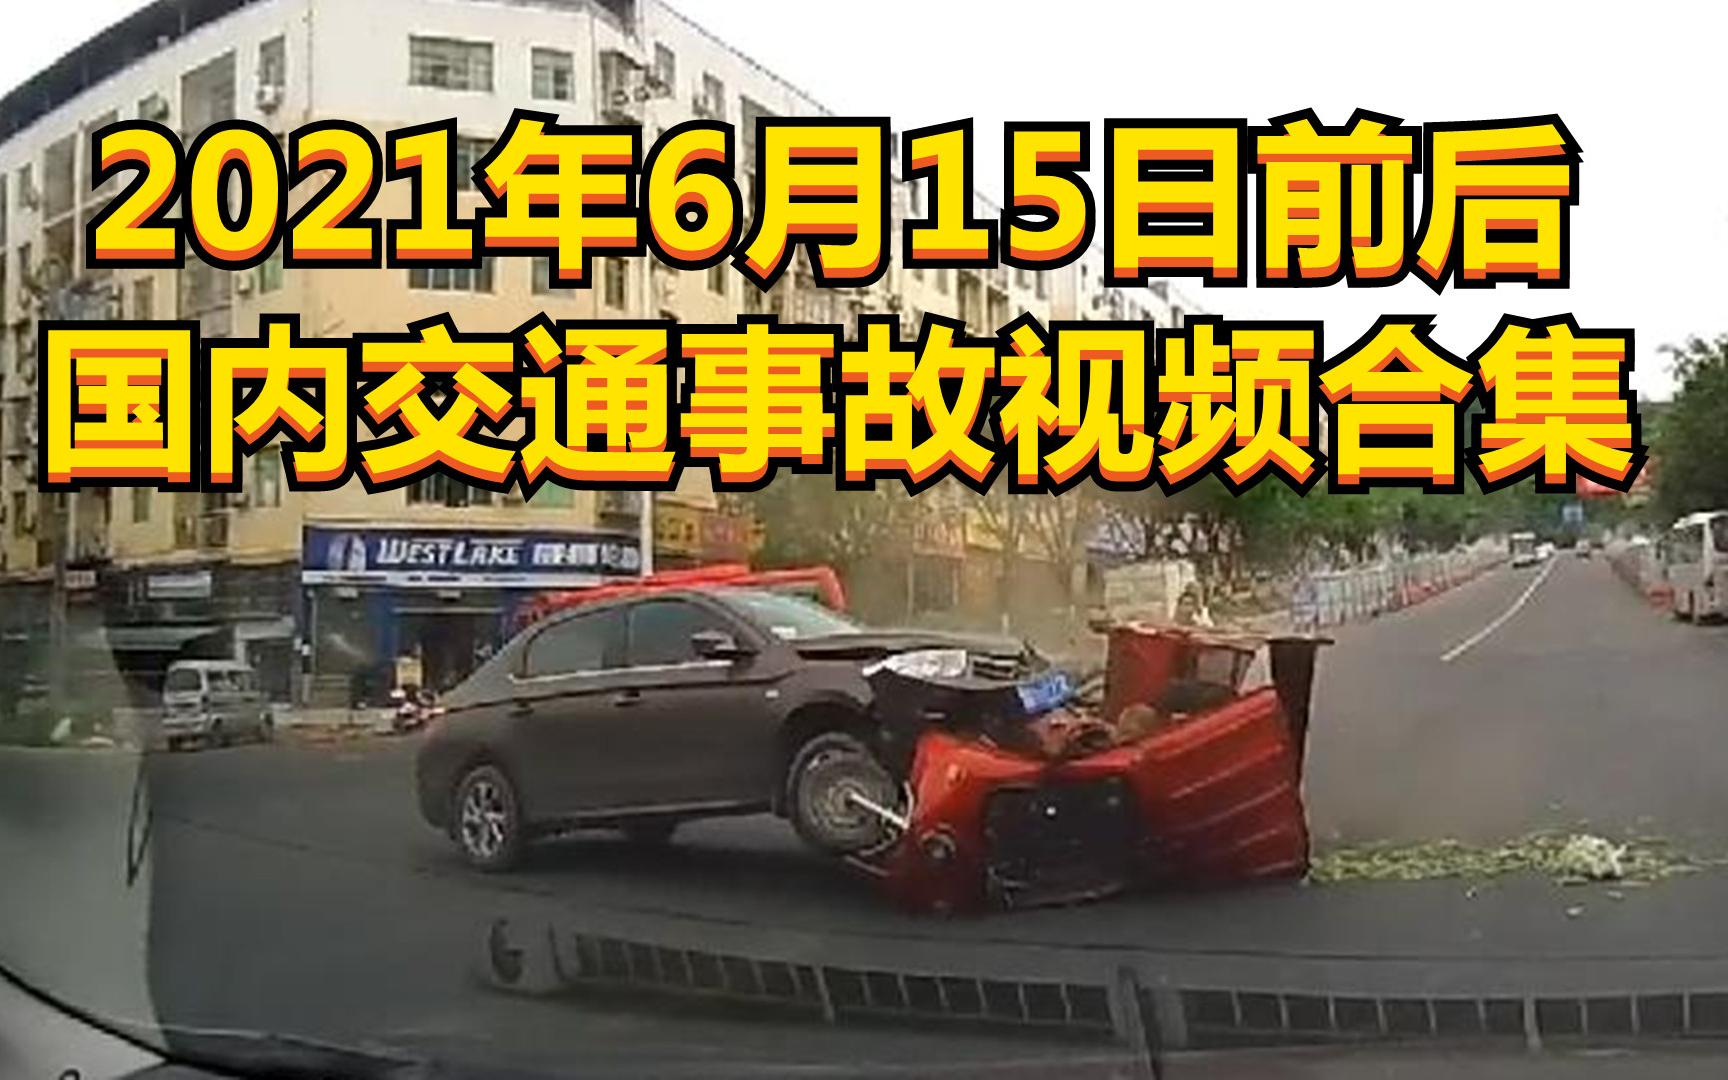 2021年6月15日前后国内交通事故视频合集